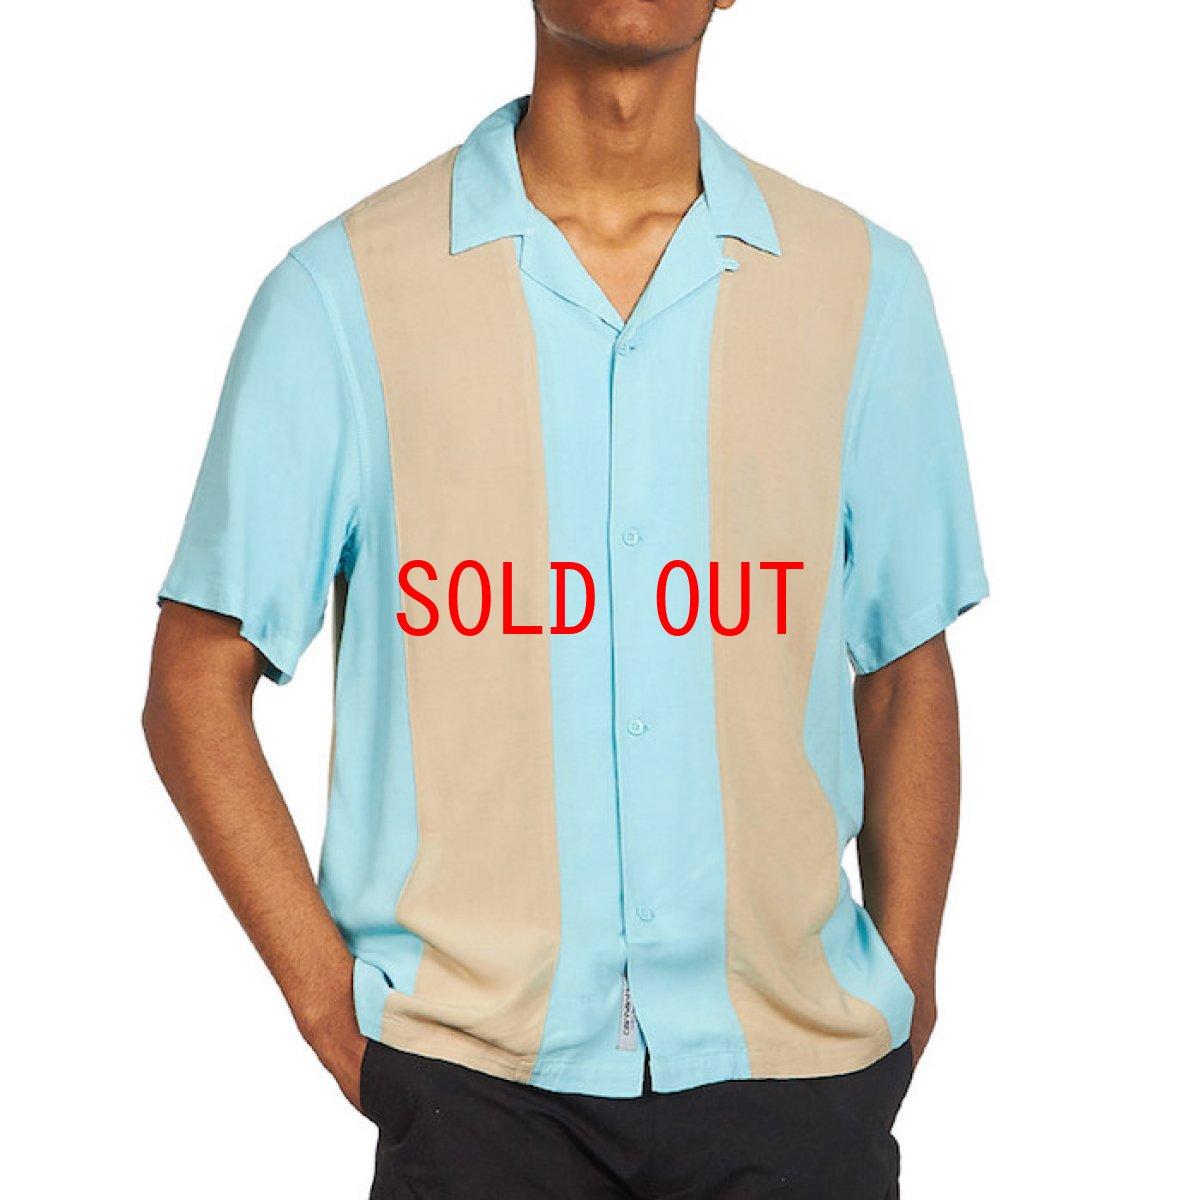 画像1: Carhartt WIP (カーハート ワークインプログレス) S/S Lane Shirt Window Blue Wall Black 半袖 ワーク シャツ  (1)